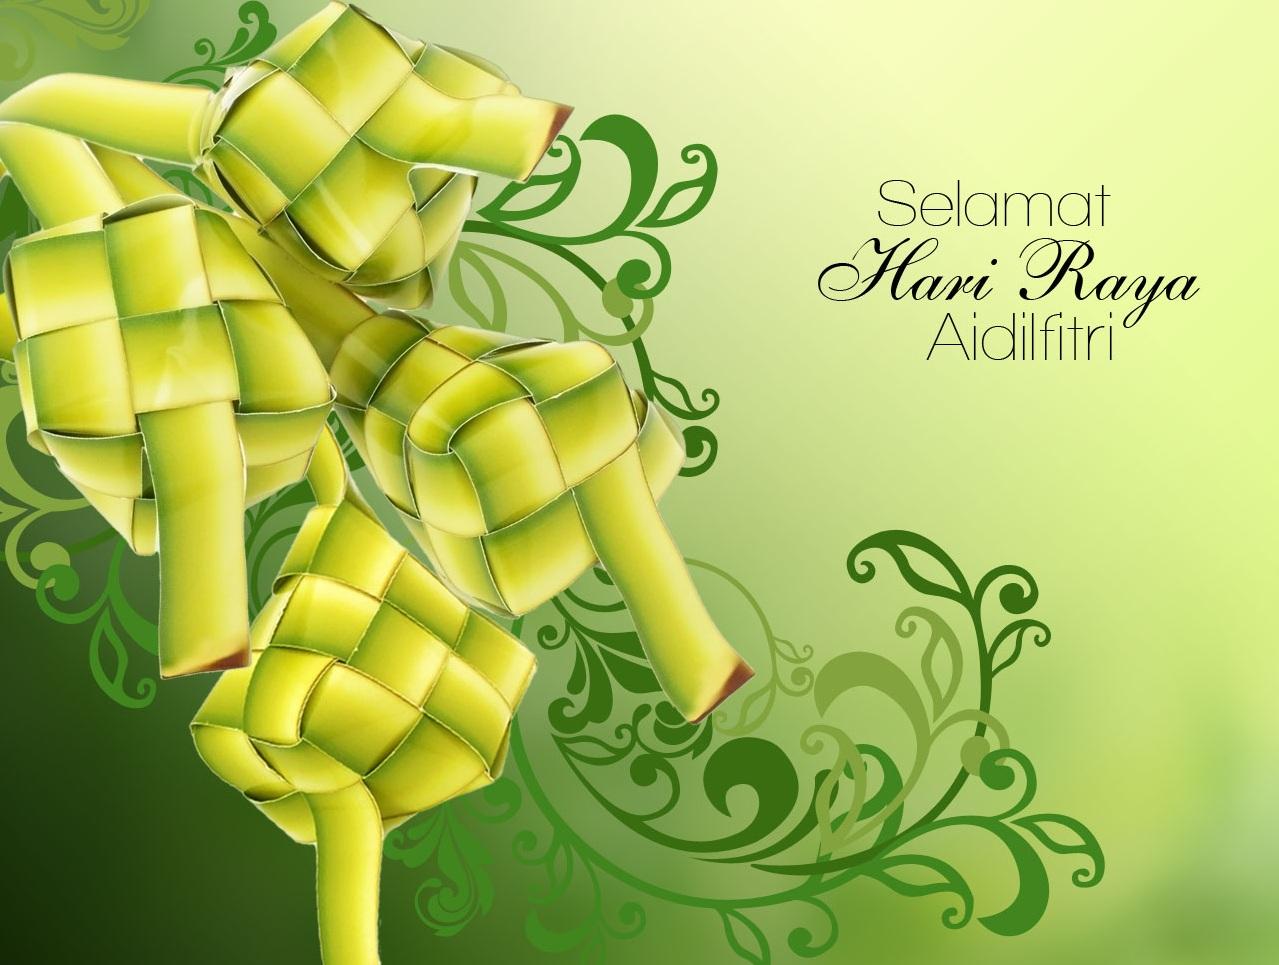 hari raya wallpaper free download